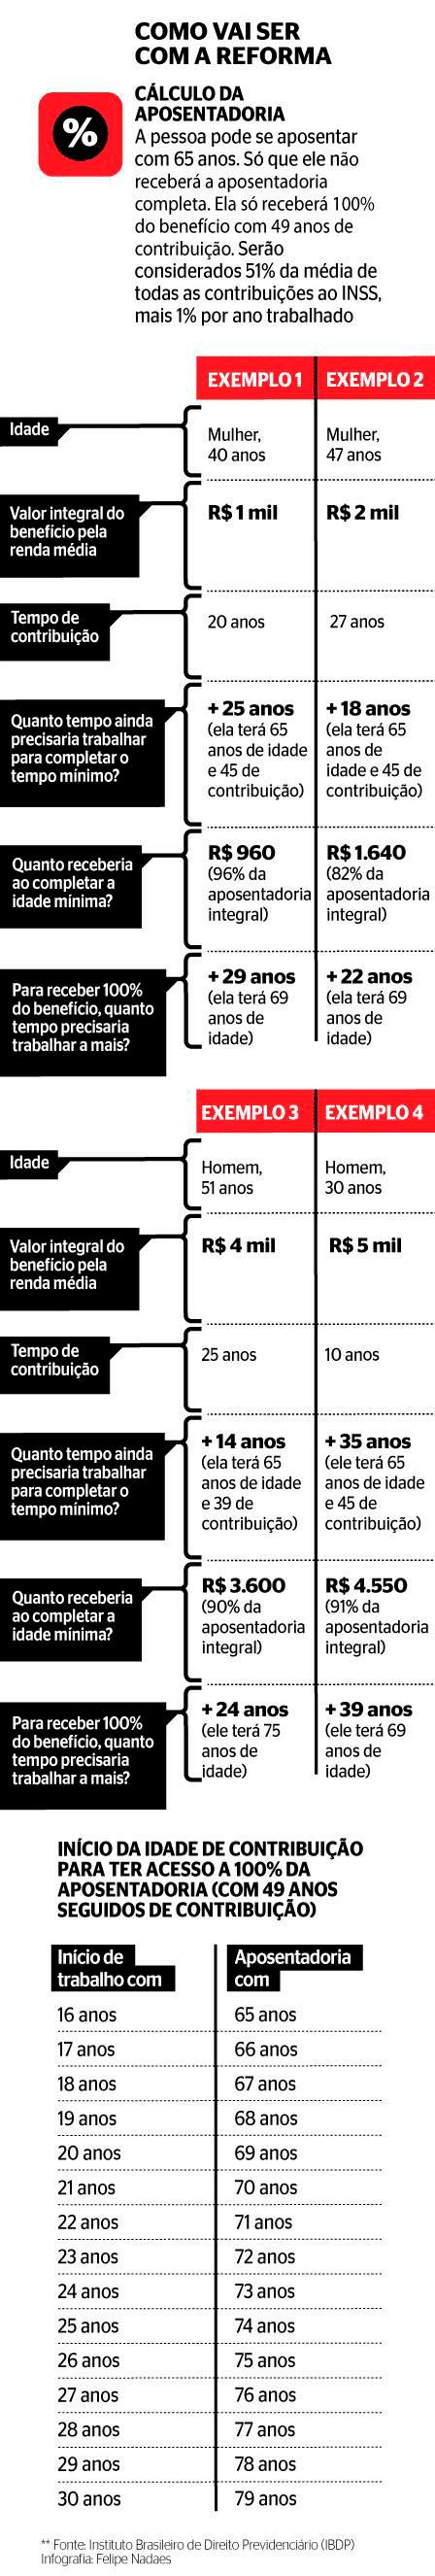 Infográfico de como será a Reforma Previdenciária